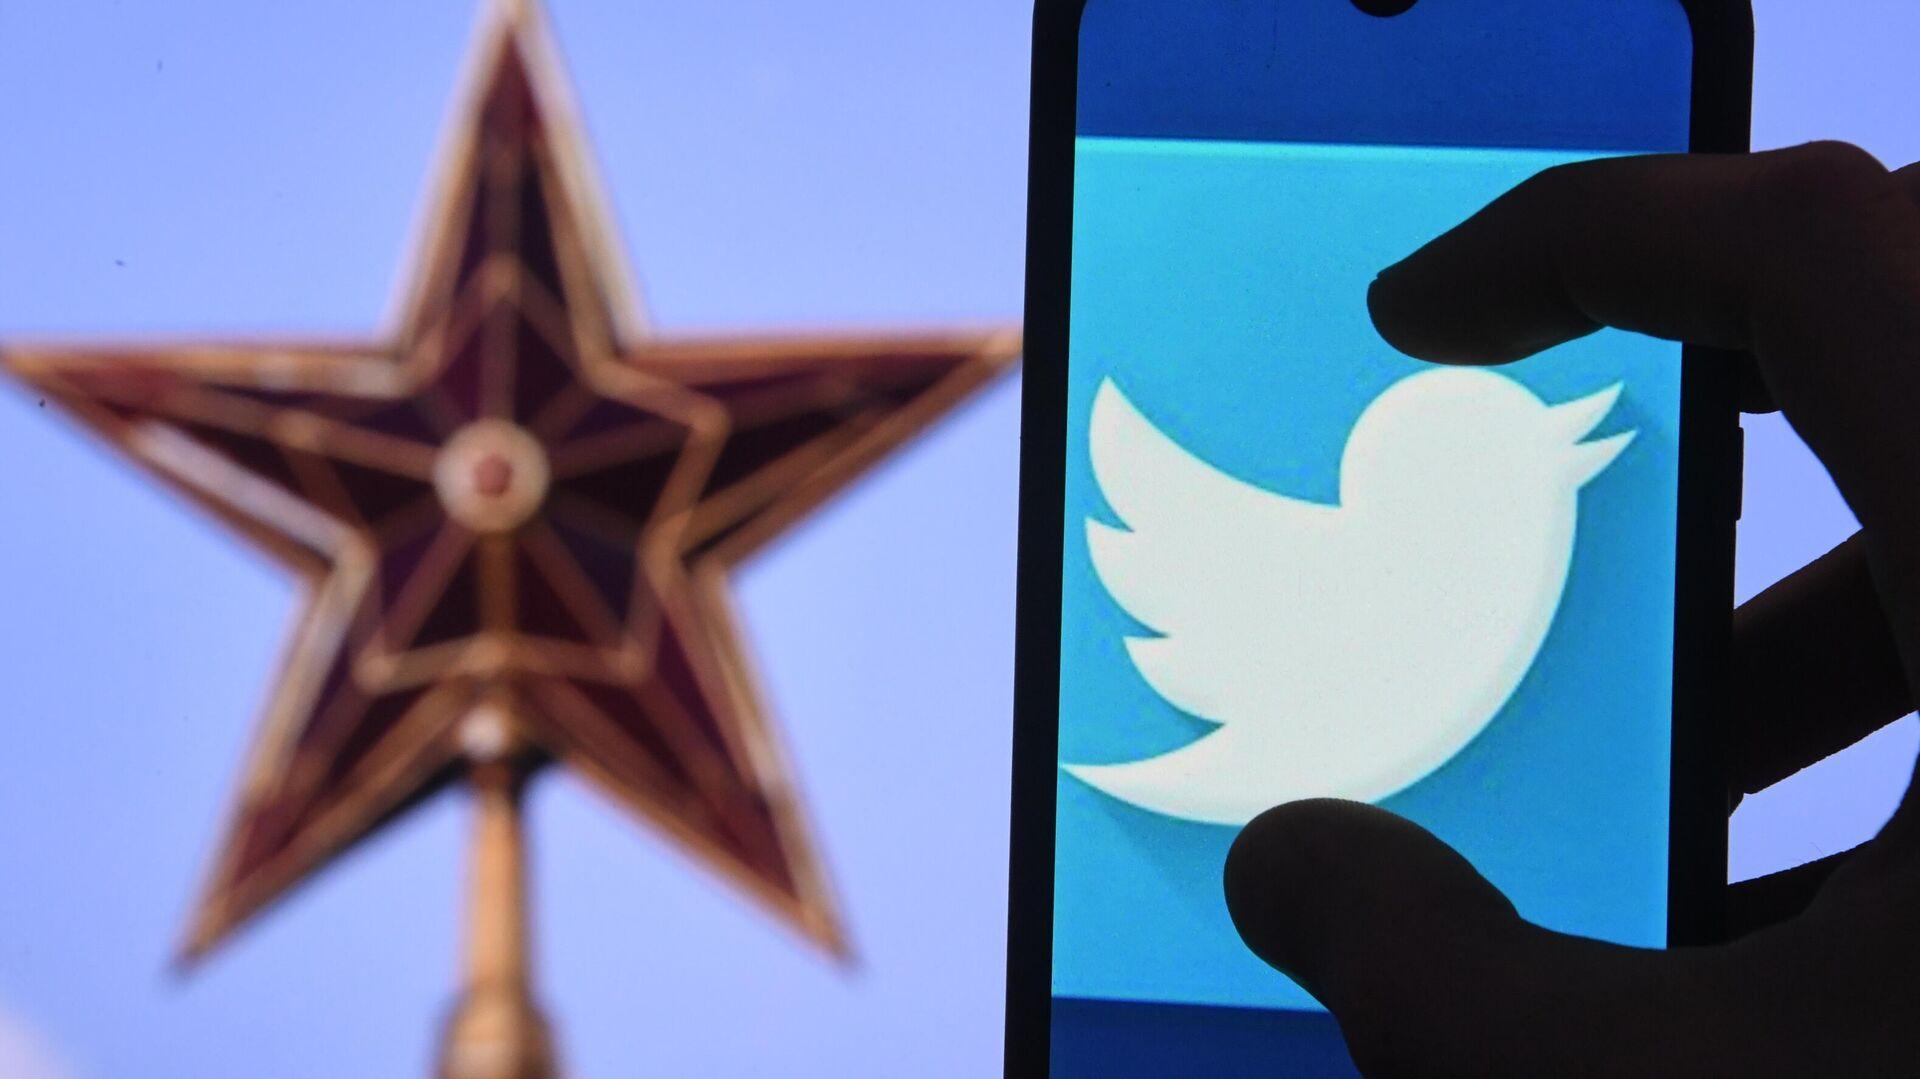 Логотип социальной сети Twitter - РИА Новости, 1920, 07.06.2021